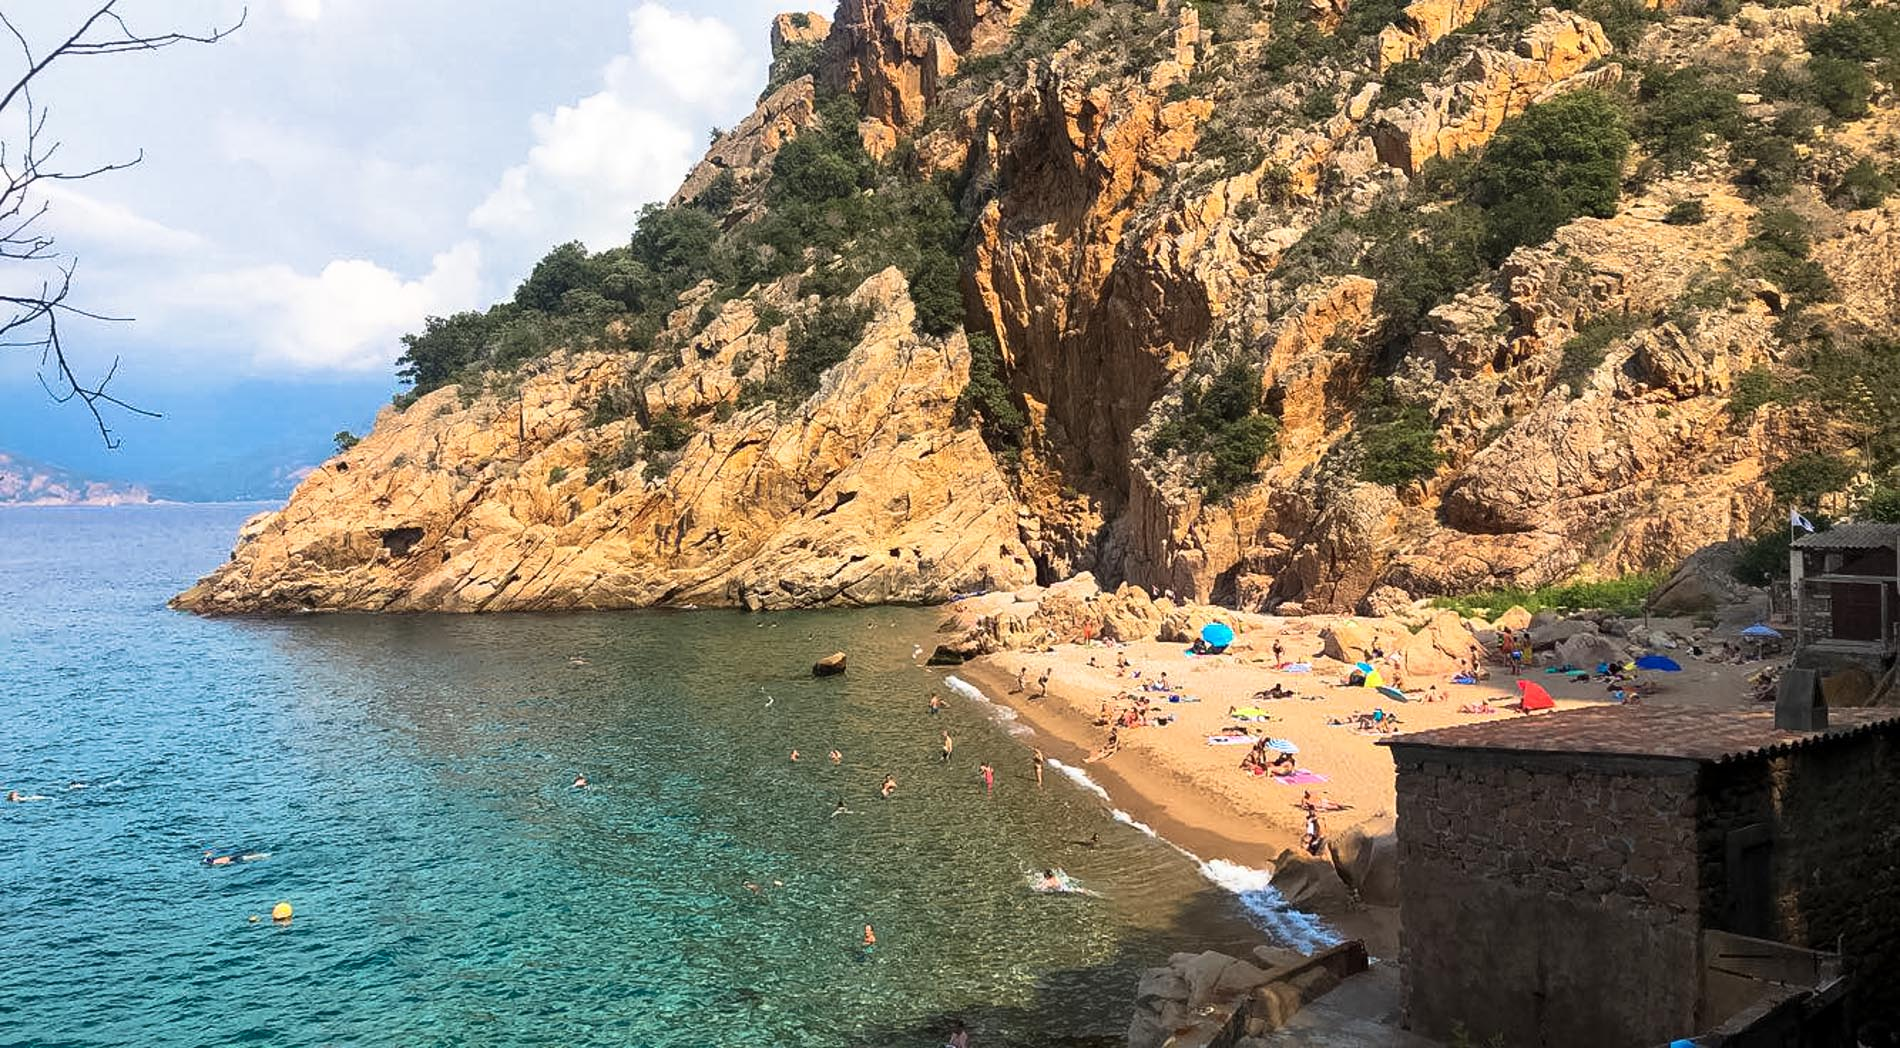 Plage de Ficajola en Corse